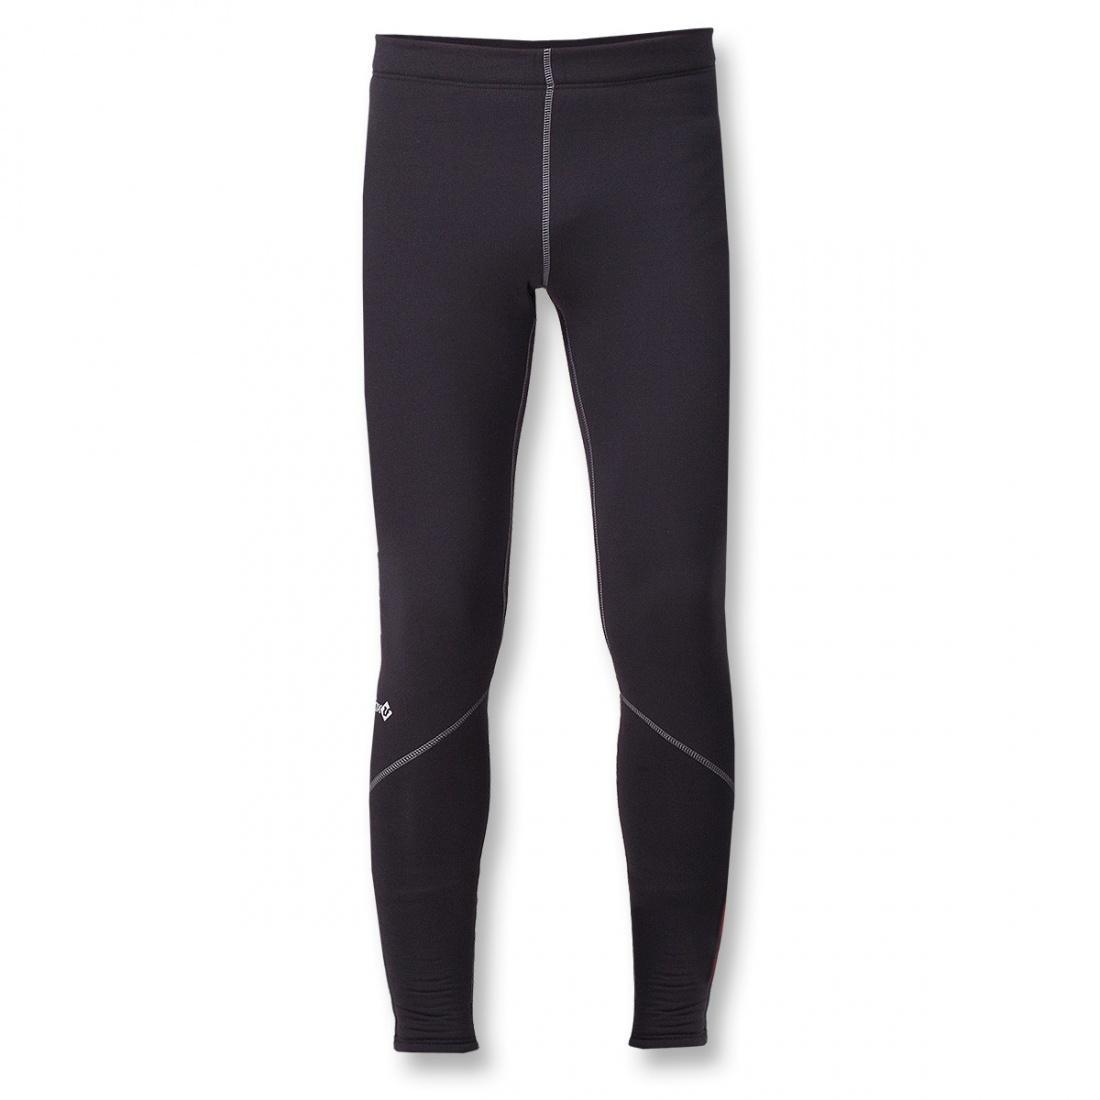 Термобелье брюки Power Stretch MultiБрюки<br><br><br>Цвет: Черный<br>Размер: 56